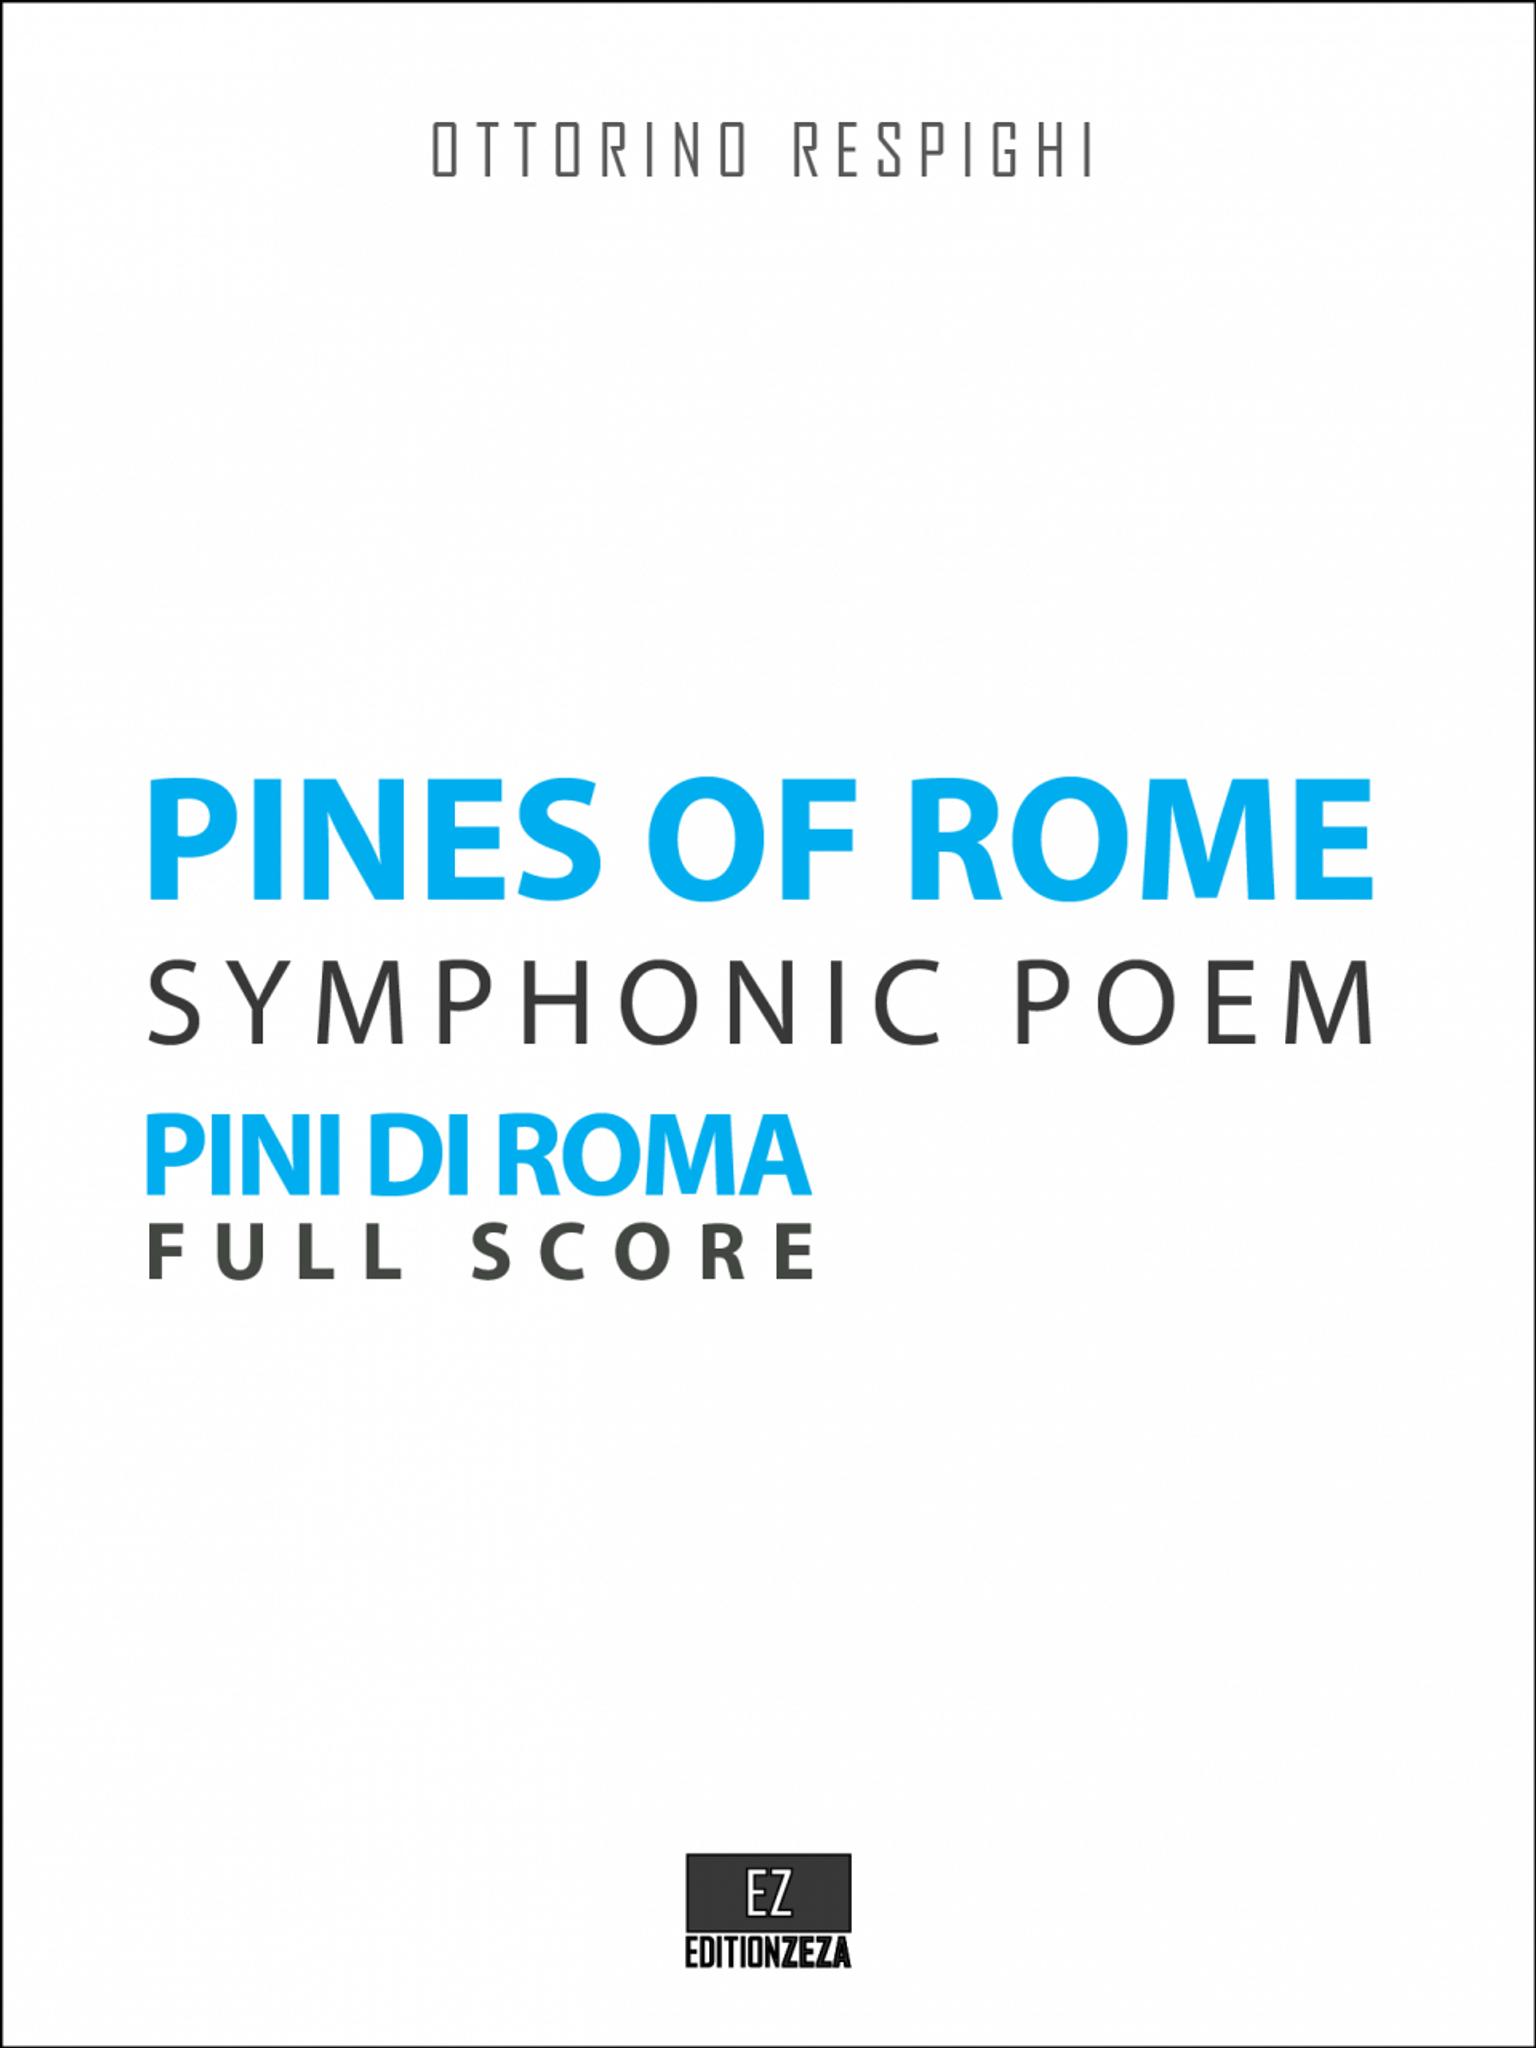 Respighi - Pines of Rome (Pini di Roma)